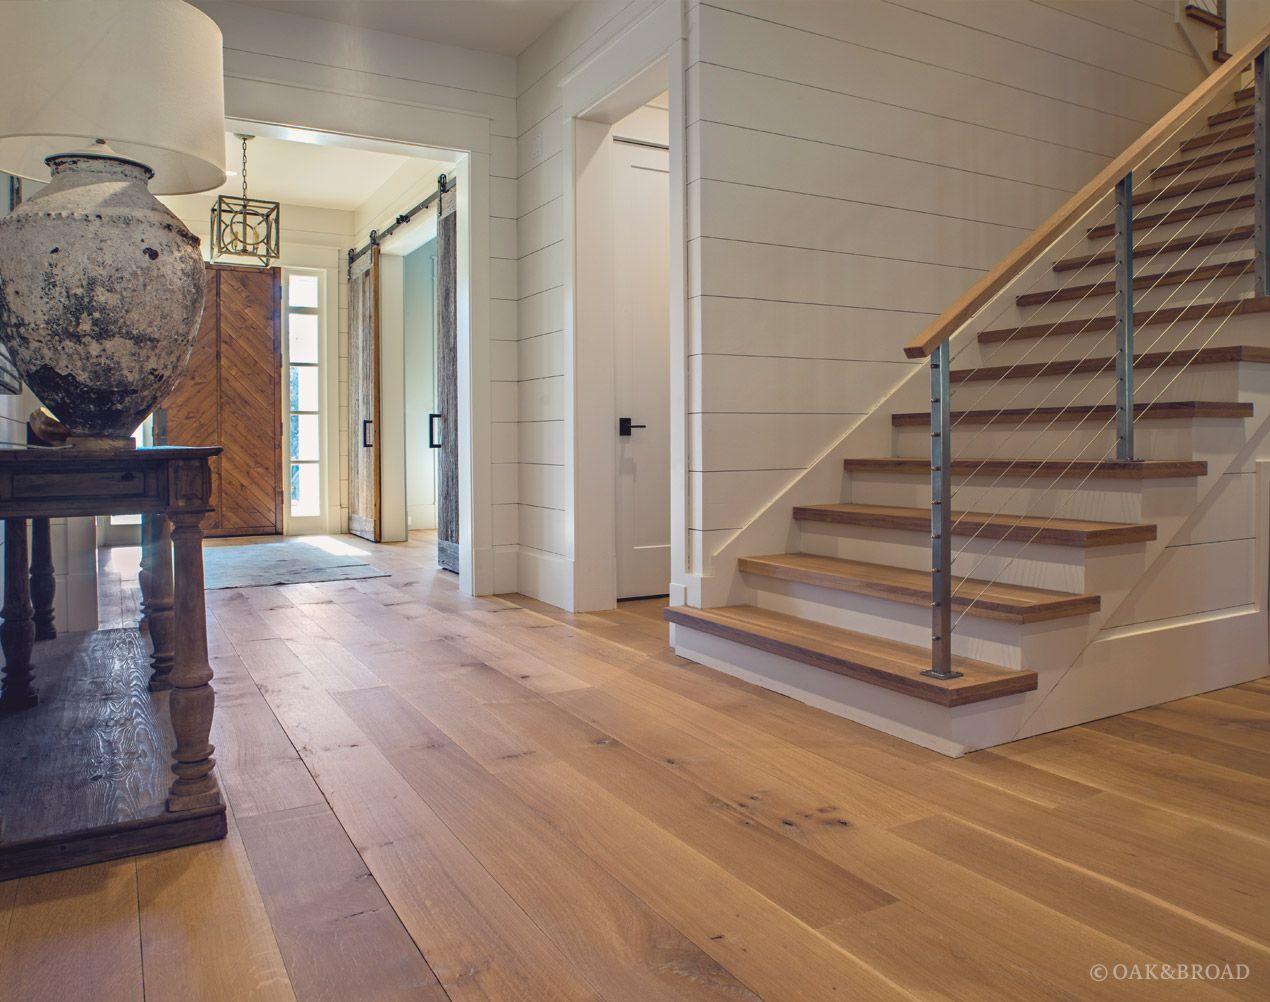 Wide Plank White Oak Flooring in Nashville, TN Modern Farmhouse